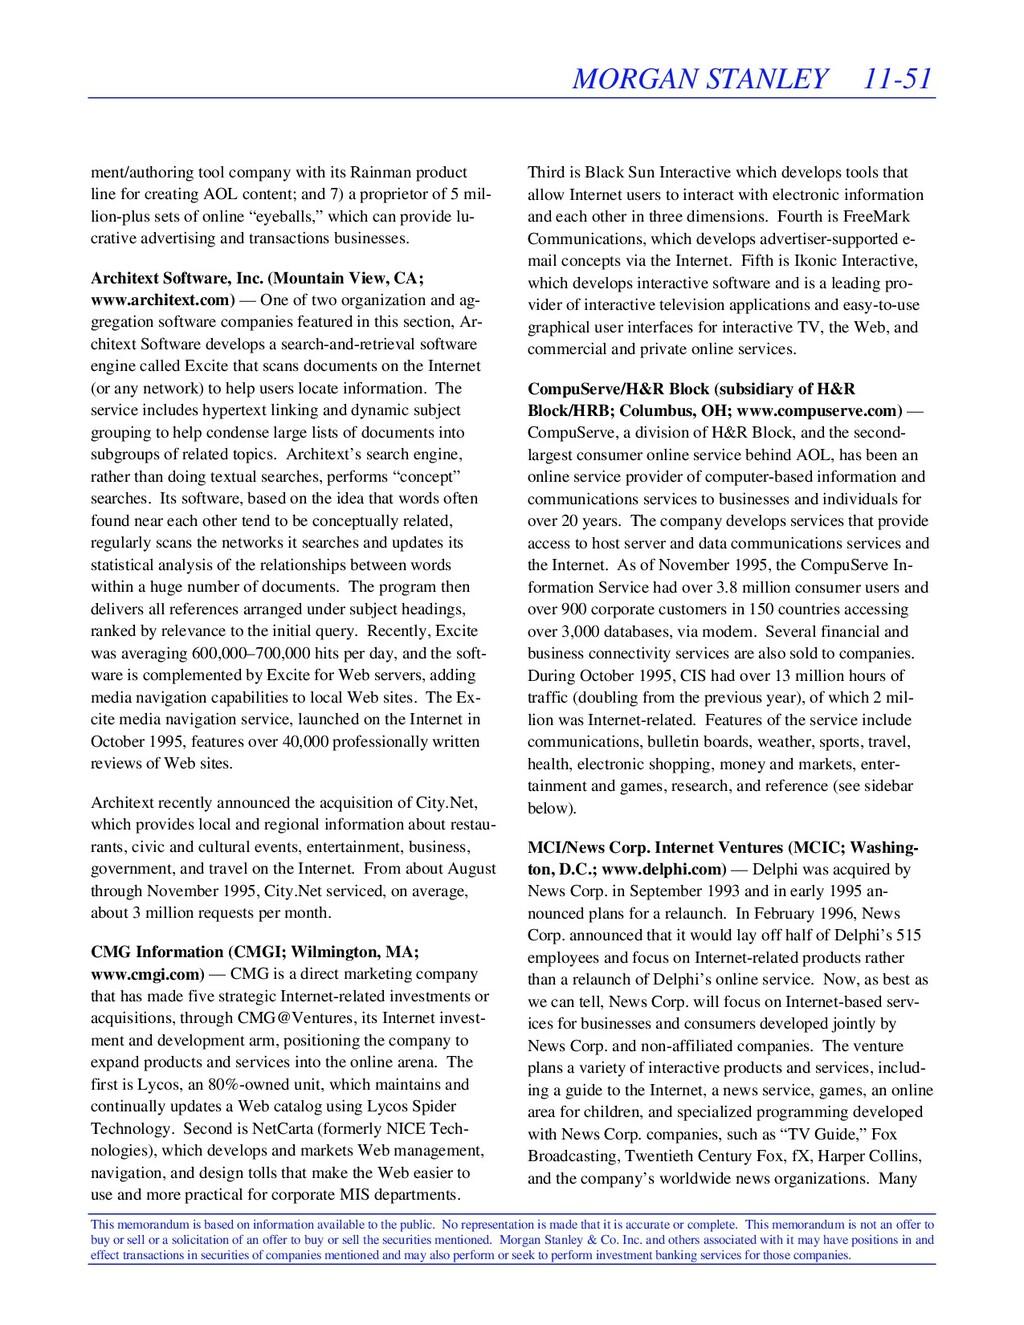 MORGAN STANLEY 11-51 This memorandum is based o...